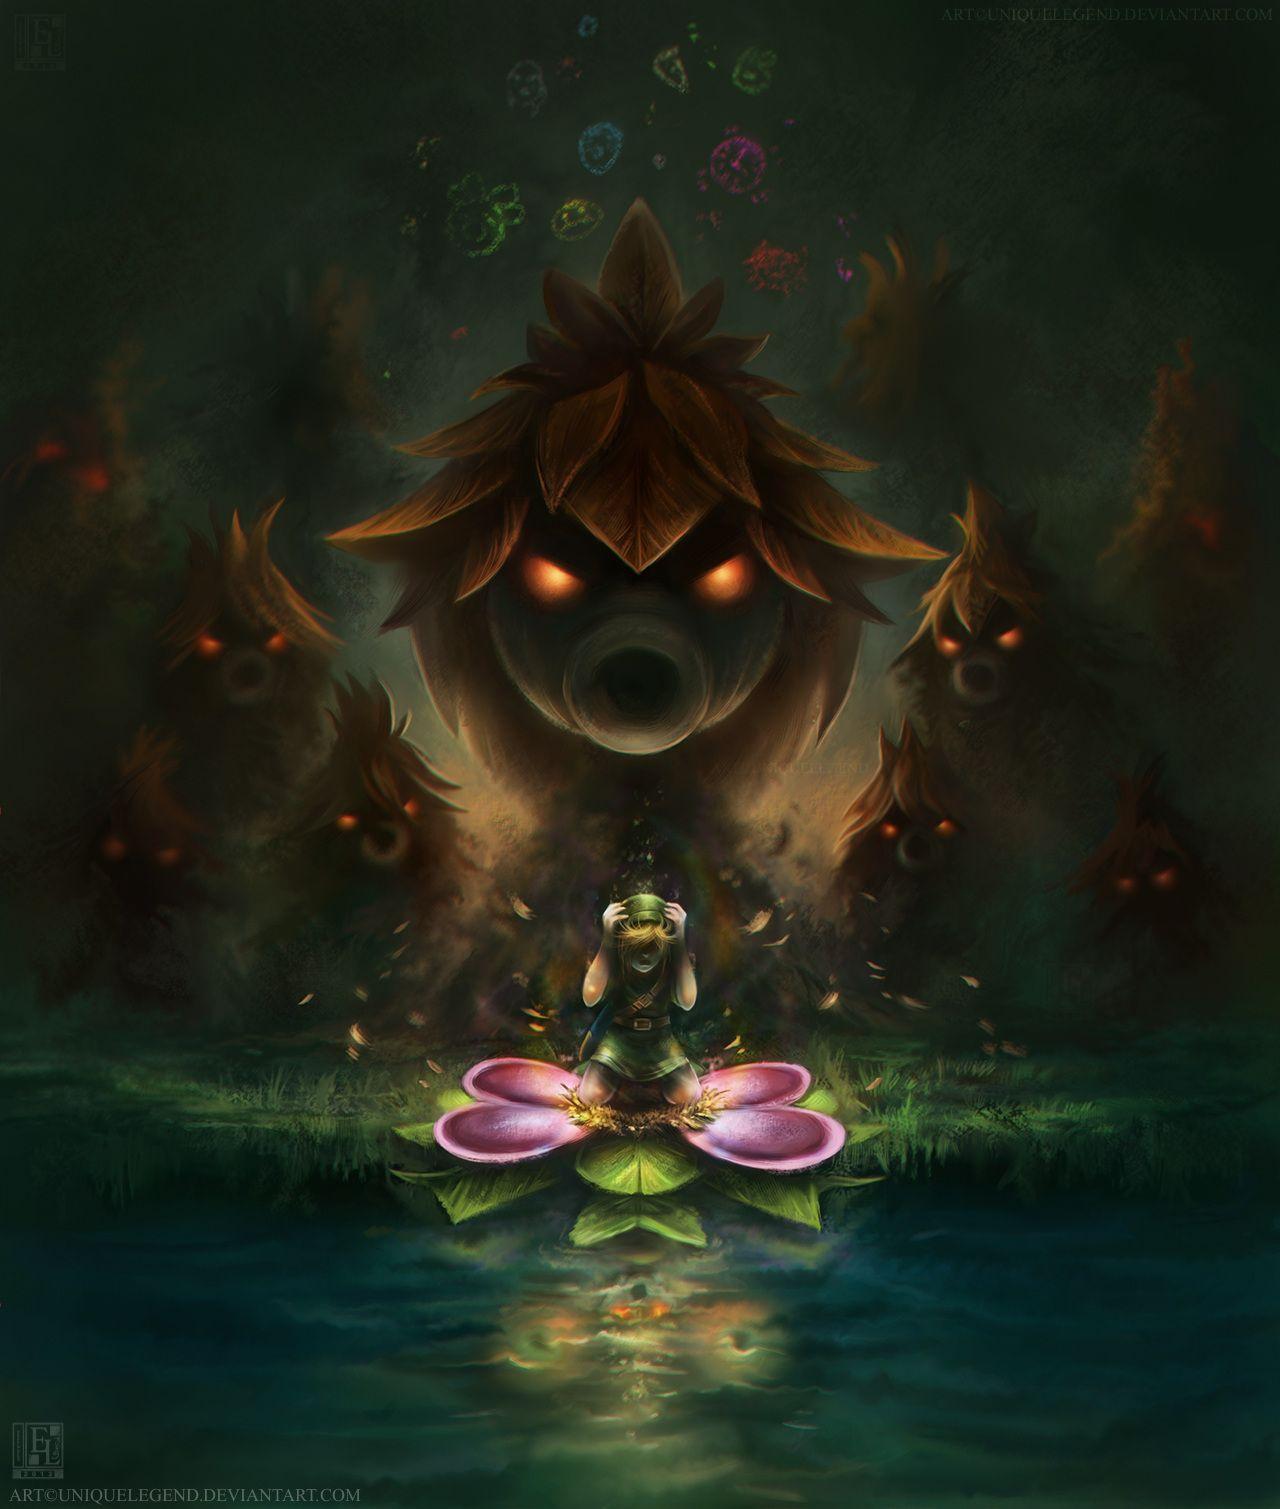 Majora's Mask: The Transformation by =uniqueLegend on deviantART | The Legend of #Zelda